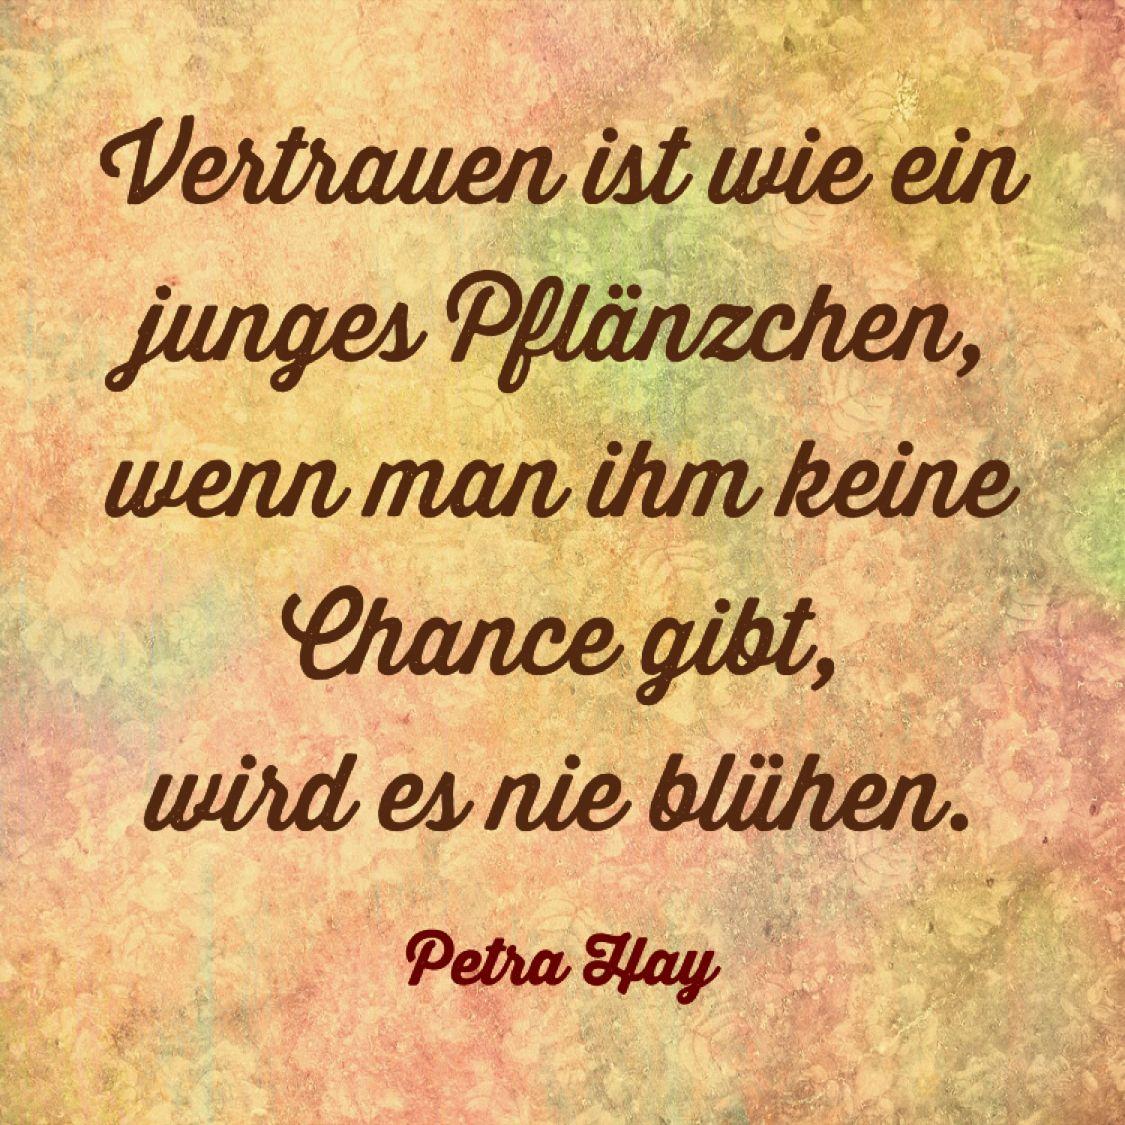 Pin von Petra Hay, Gedanken, Poesie, G auf Zukünftig